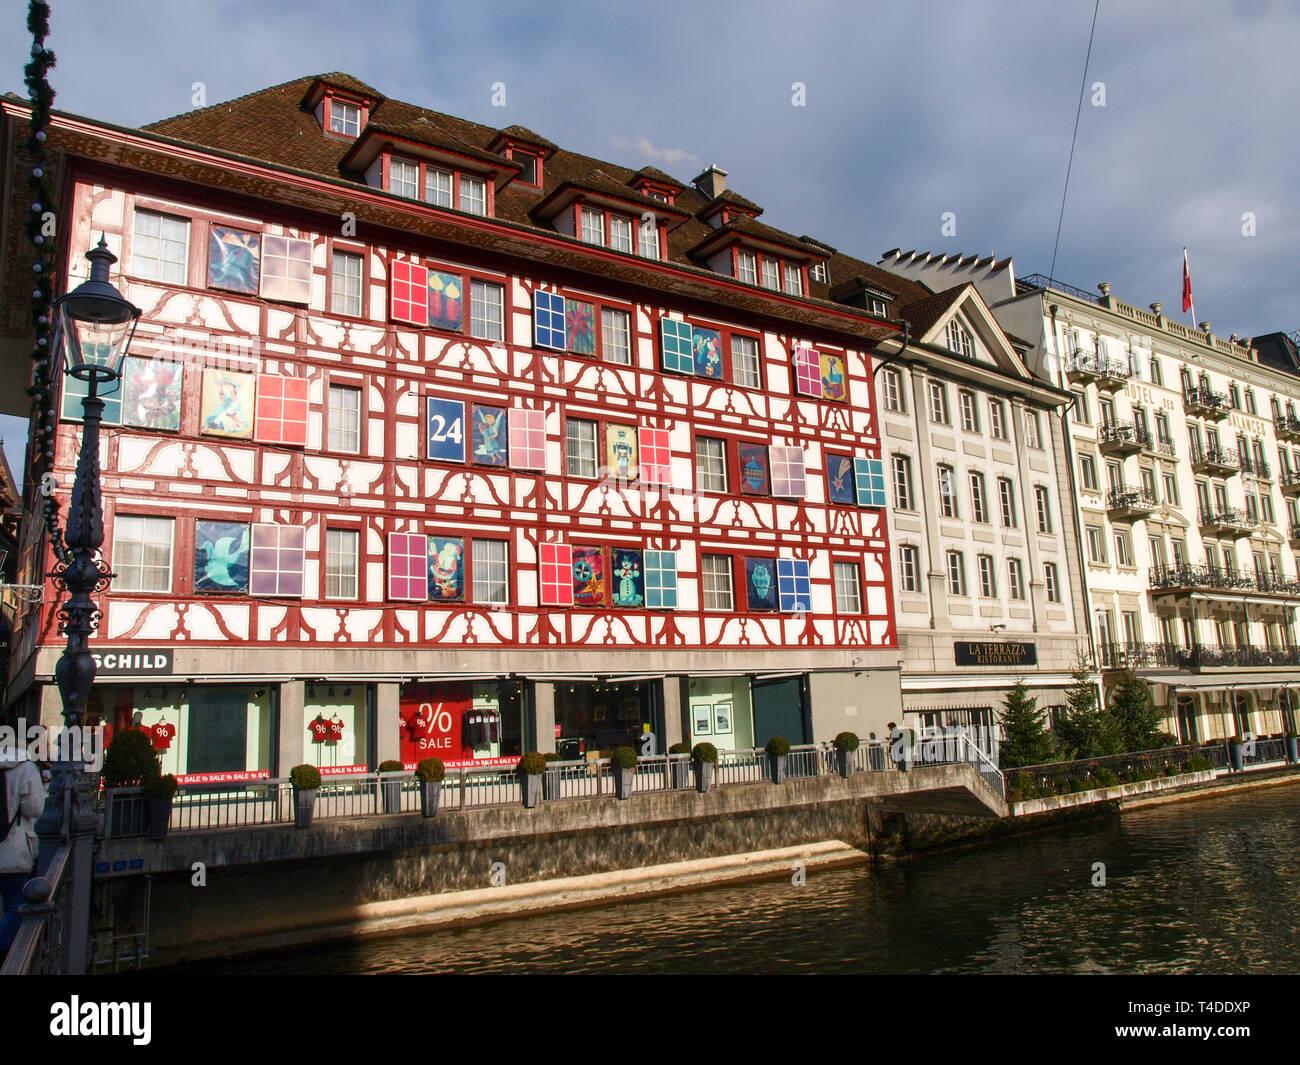 Lucerne Switzerland December 24 2016 Old City Center Of